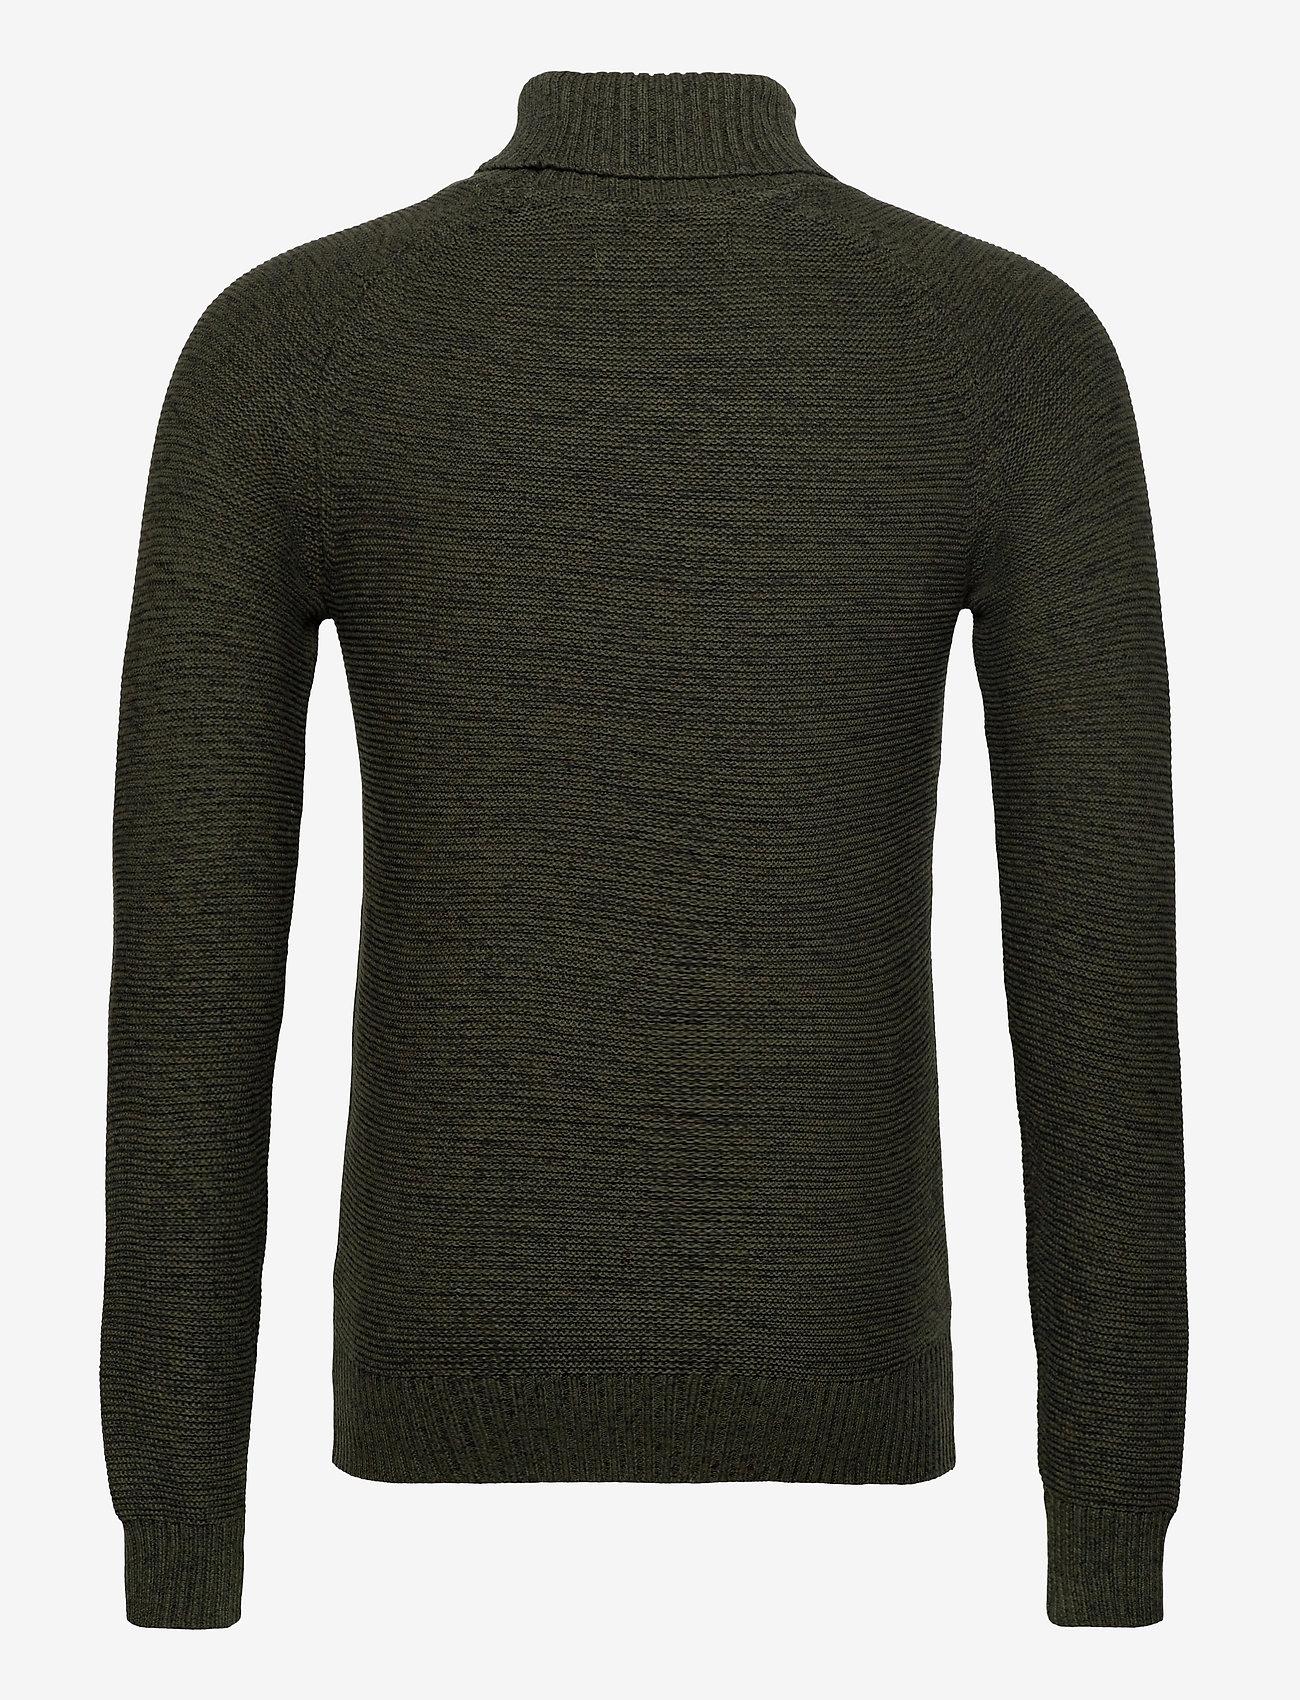 Blend Pullover - Strikkevarer ROSIN - Menn Klær